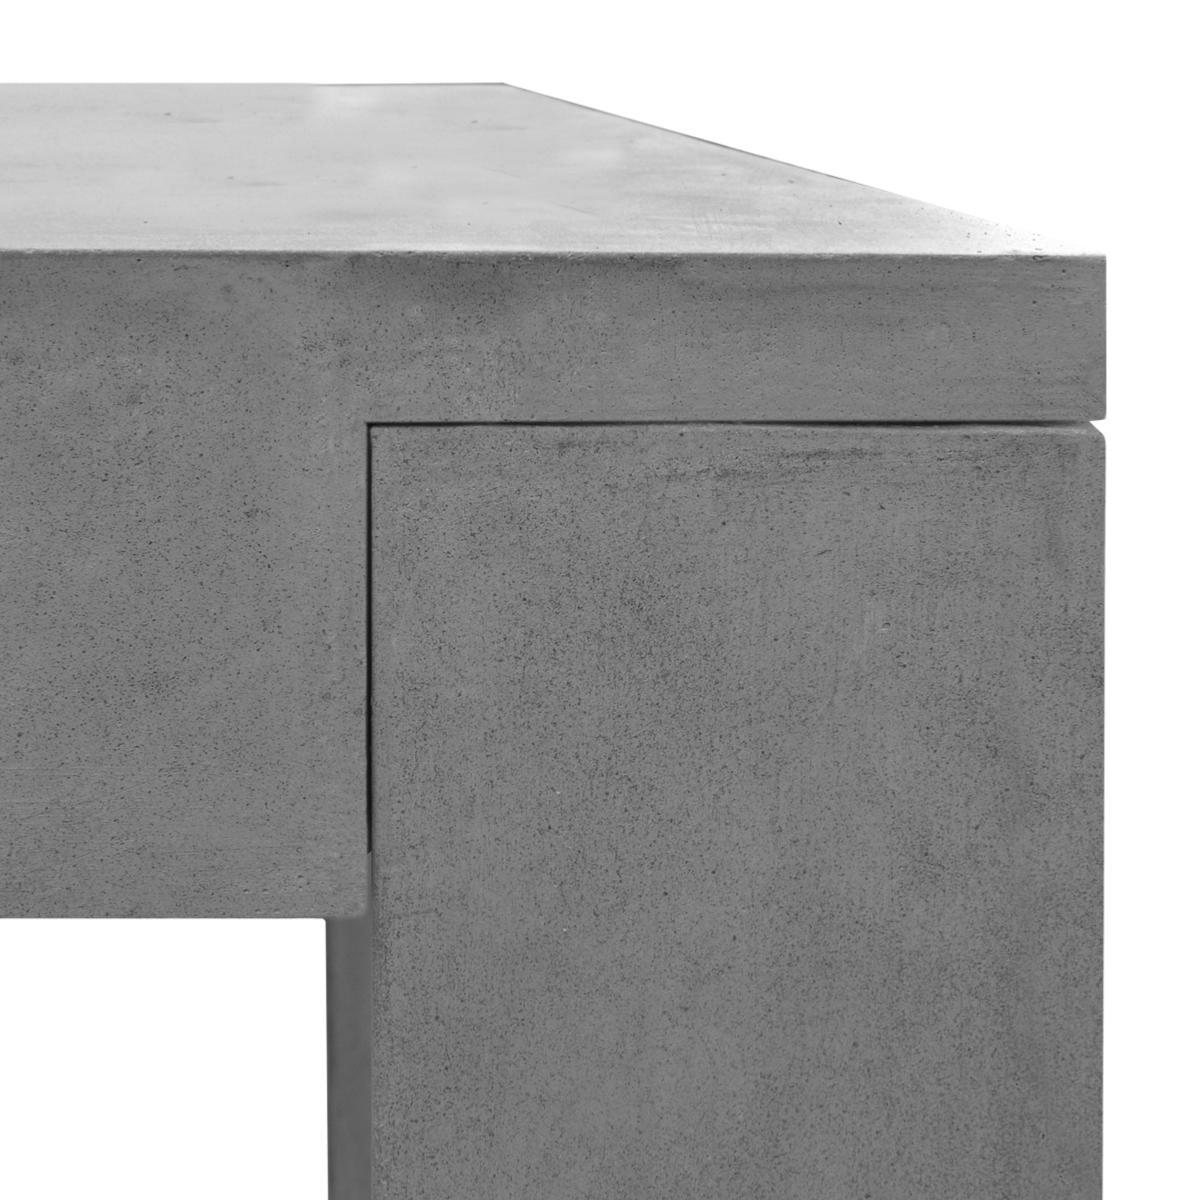 Salon de jardin en b ton complet table avec 6 tabourets - Beton autonivelant prix ...